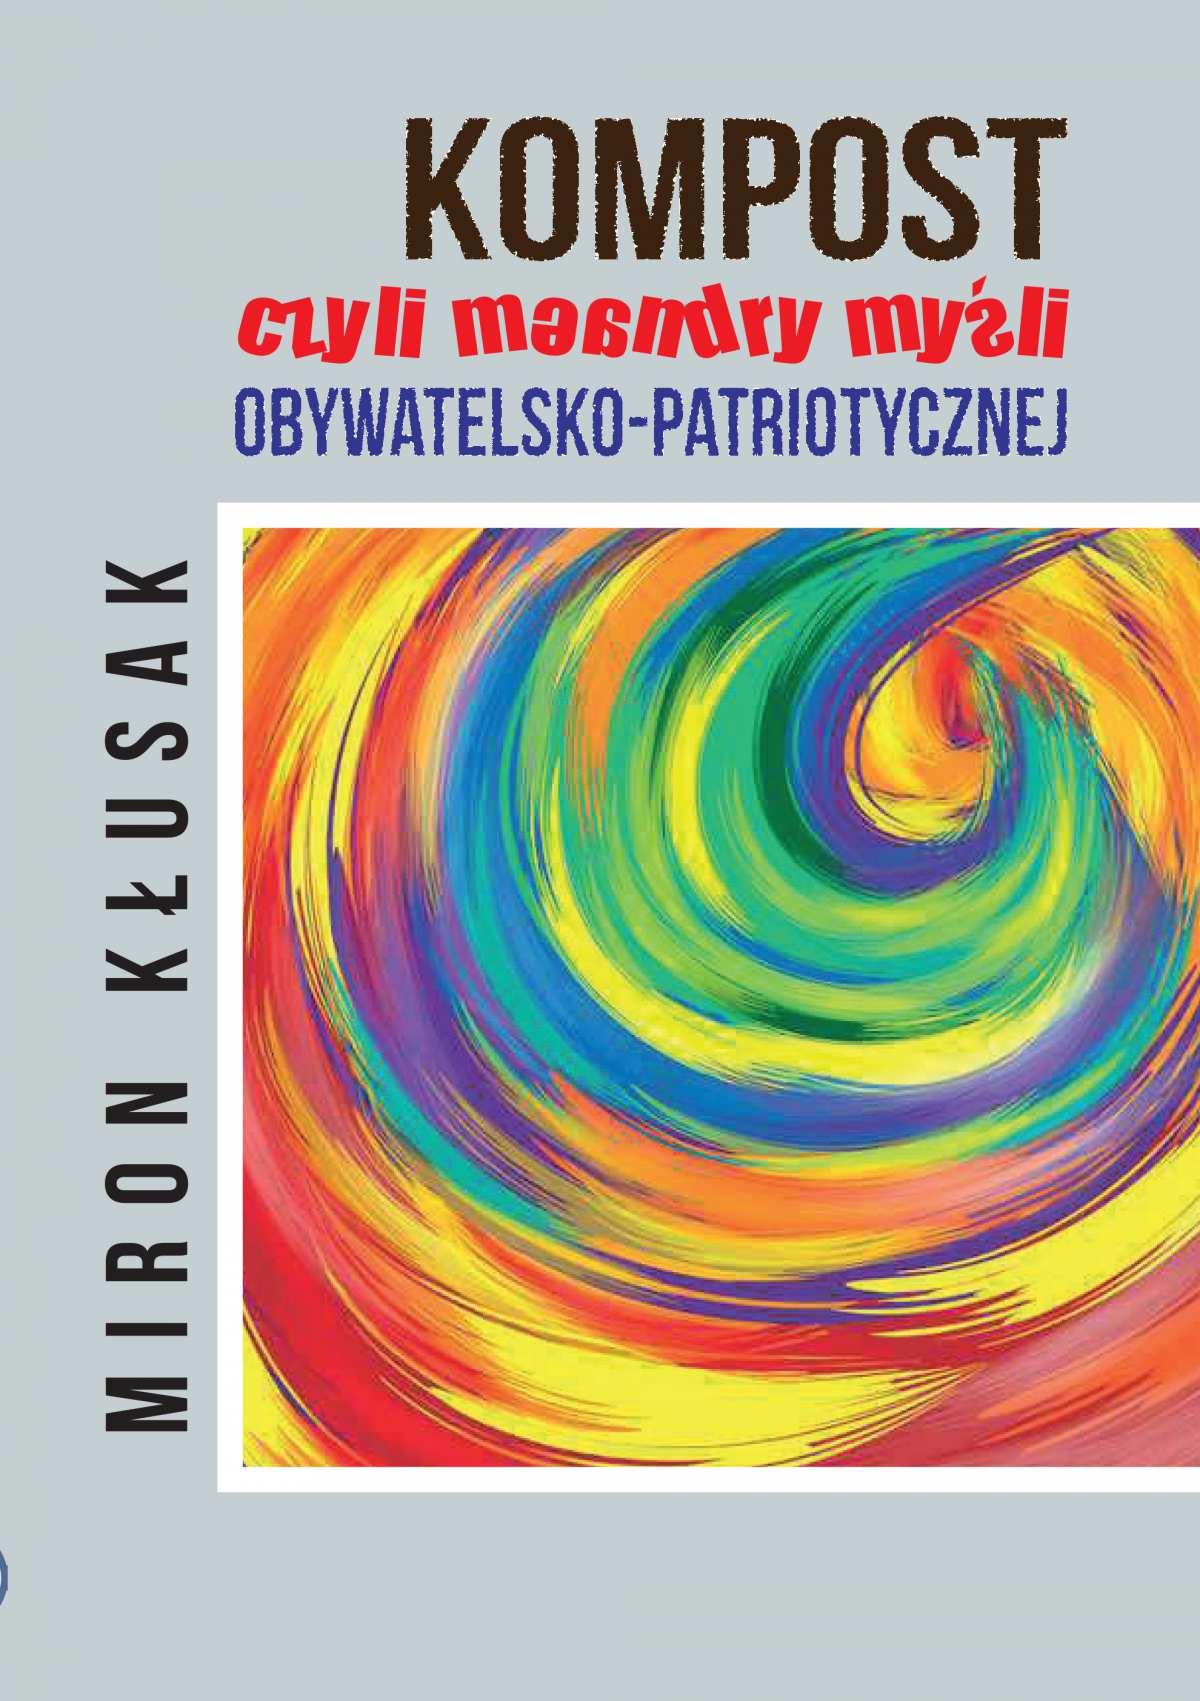 Kompost, czyli meandry myśli obywatelsko-patriotycznej - Ebook (Książka EPUB) do pobrania w formacie EPUB